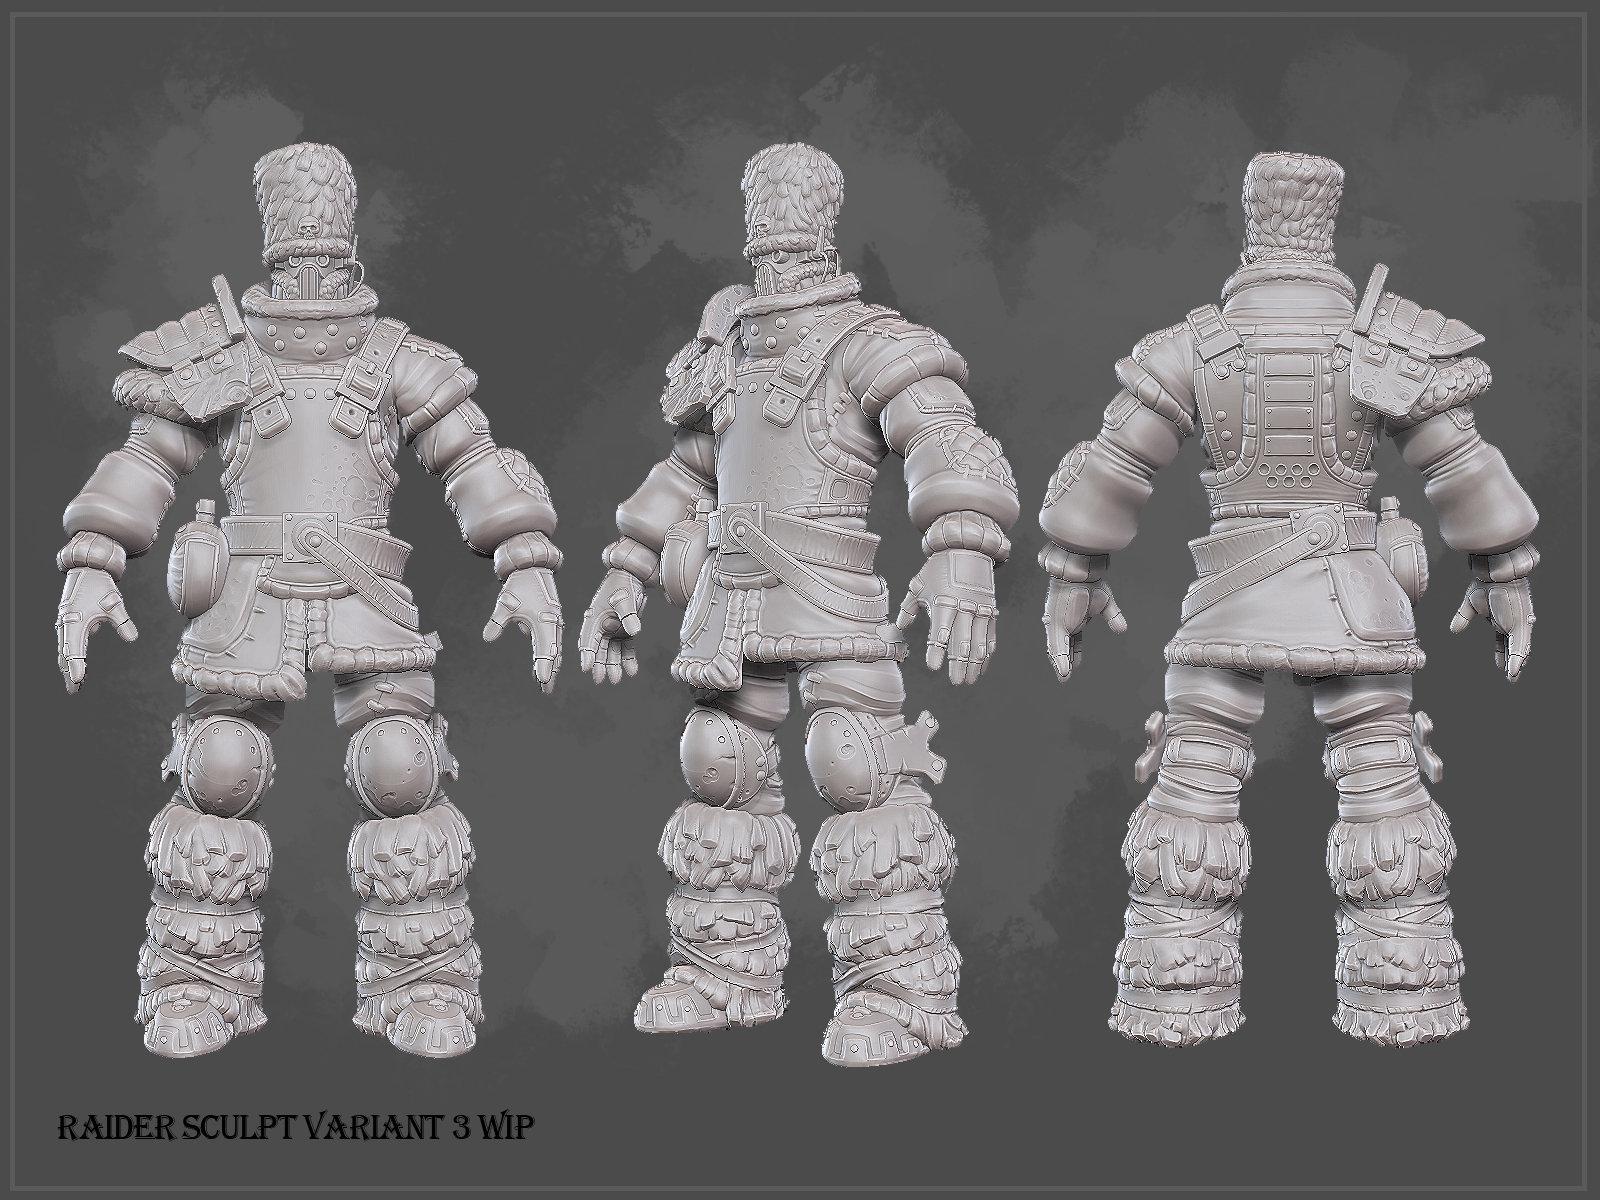 Raidervariant3 sculpt